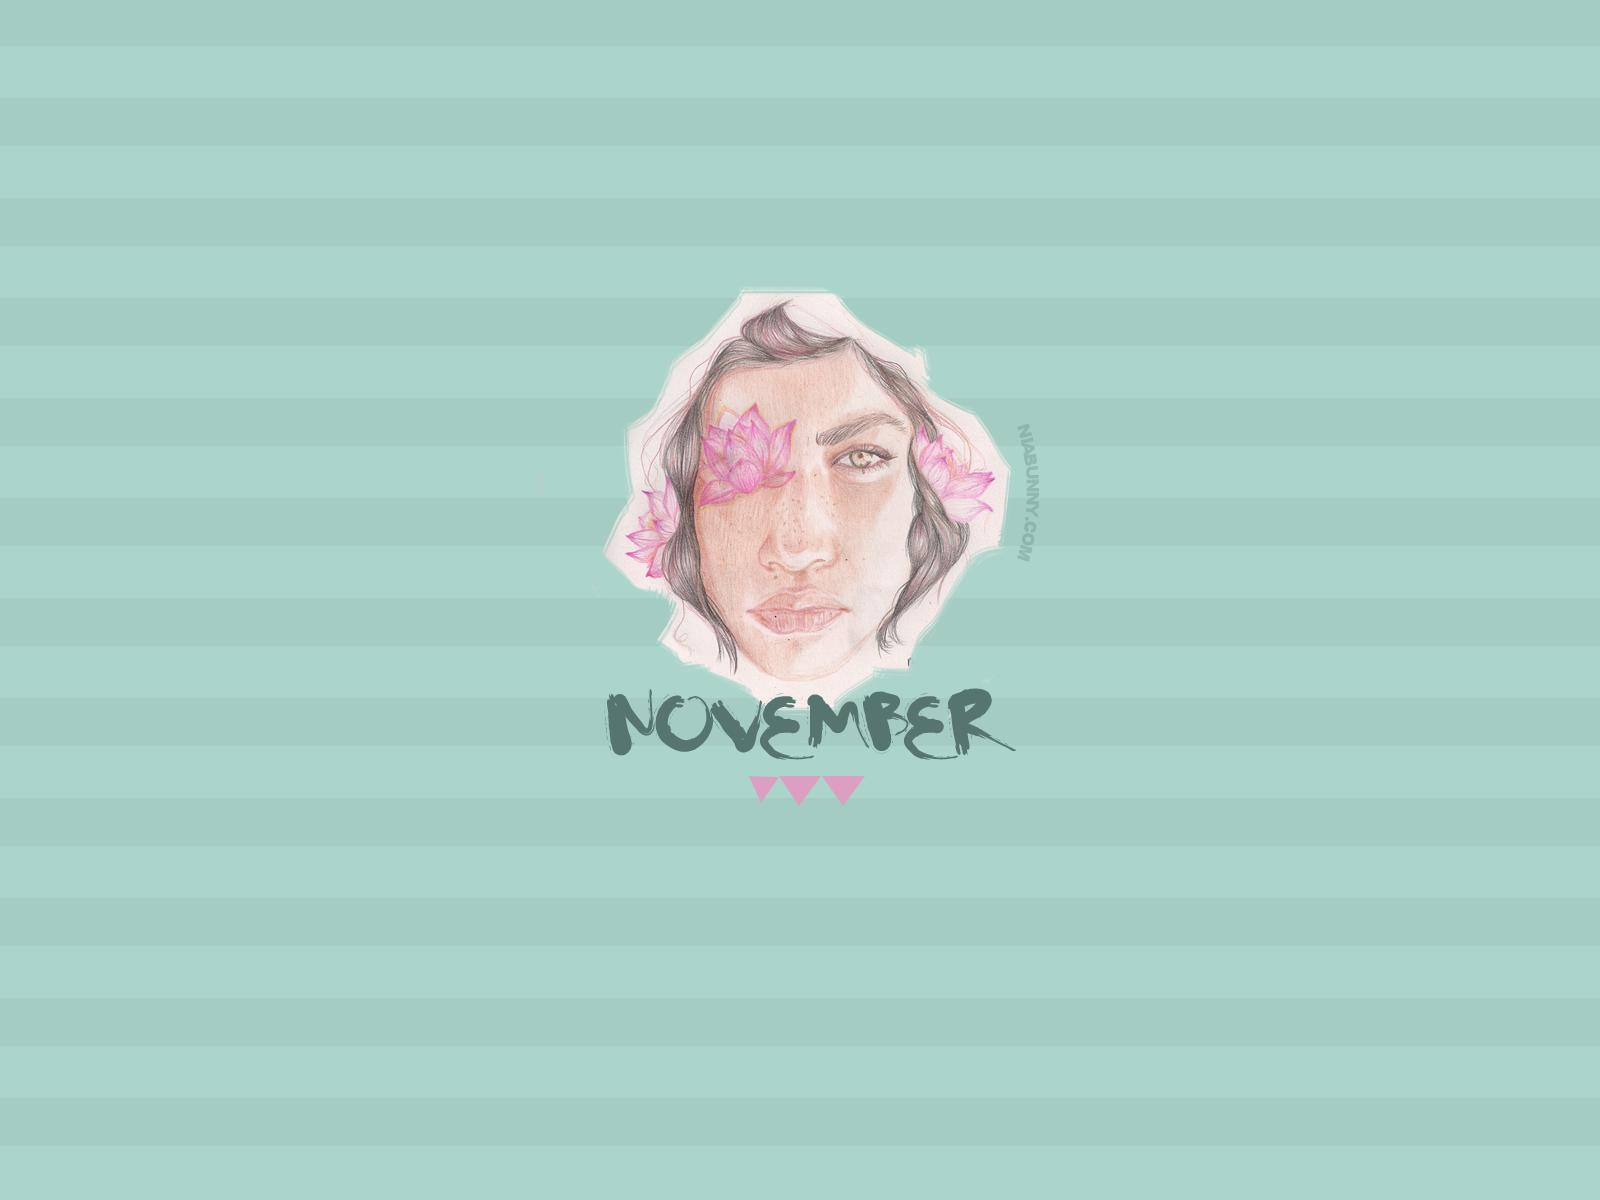 November Wallpaper Niabunny.com